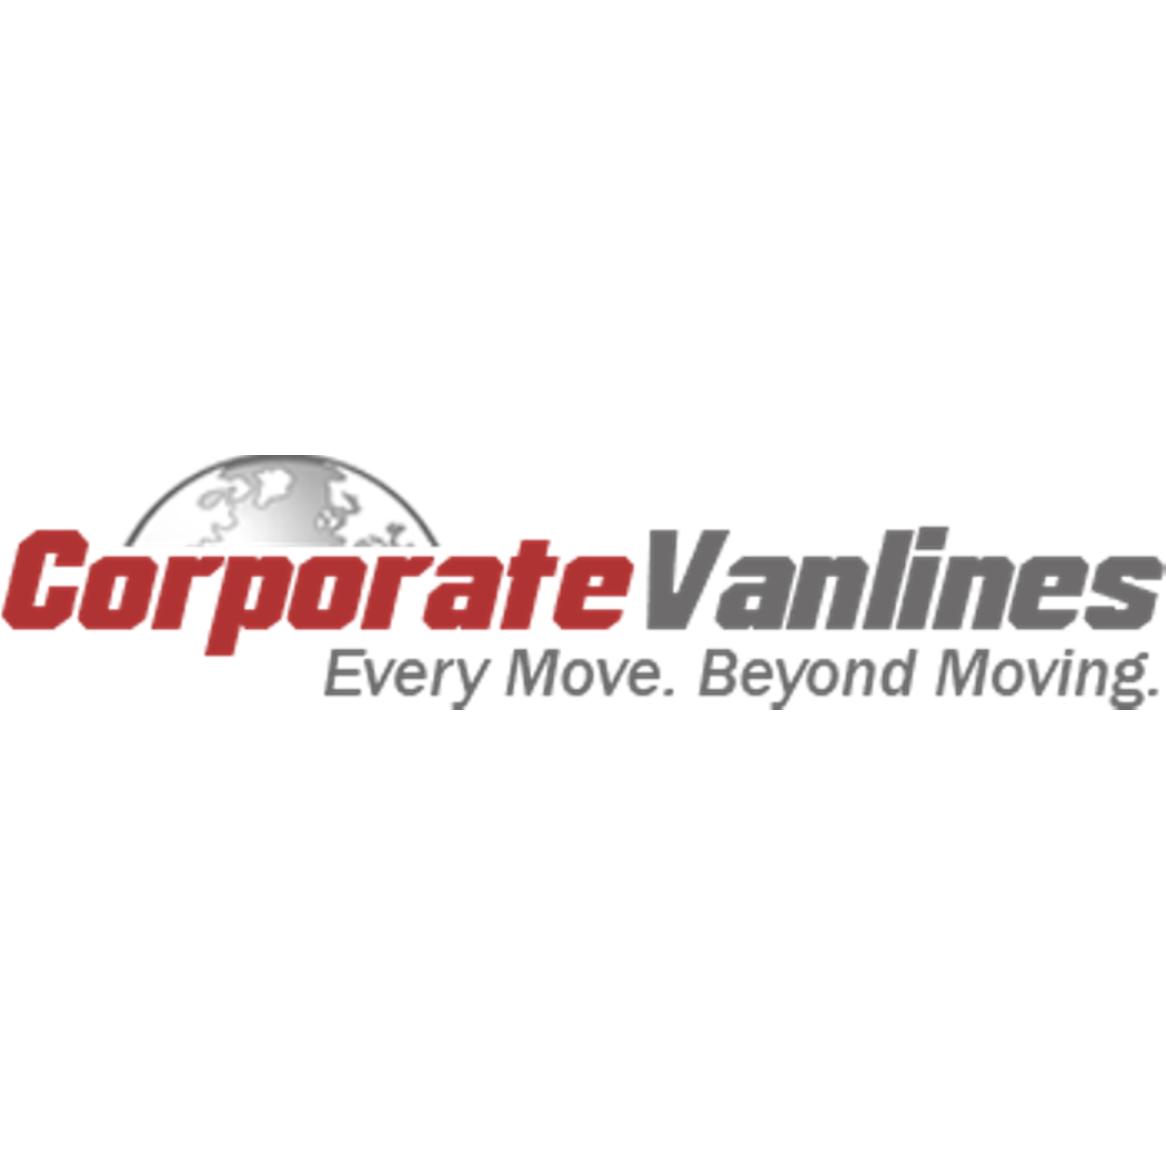 Corporate Van Lines